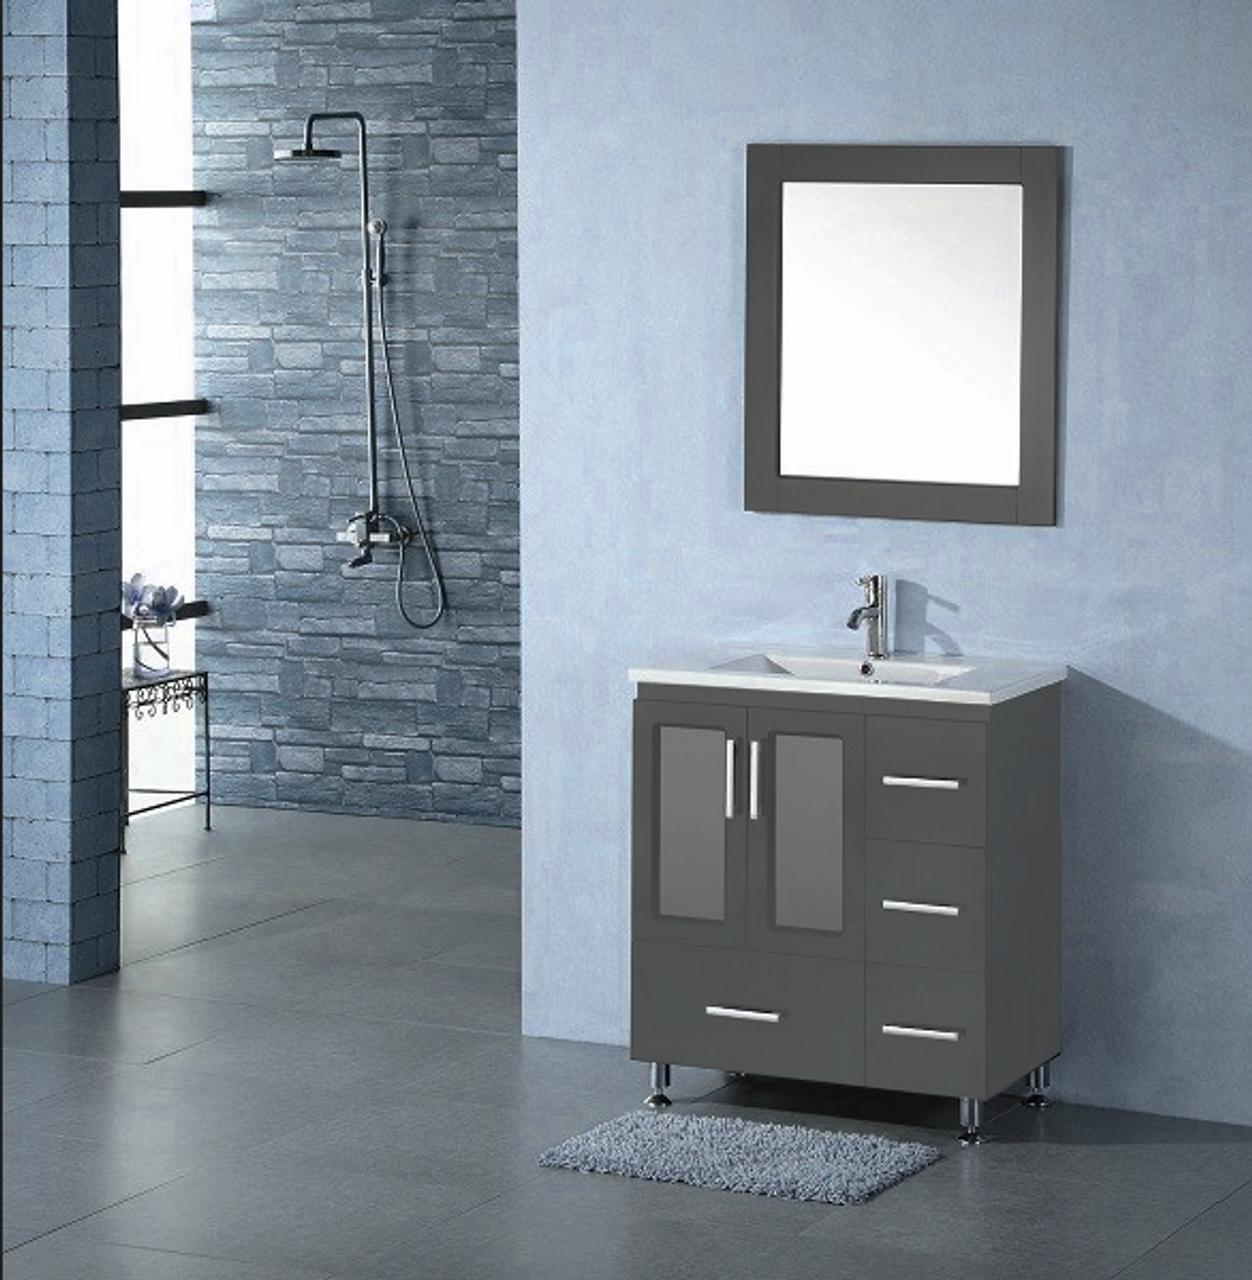 Luxe 32 Gray Bathroom Vanity Royal Bath Place